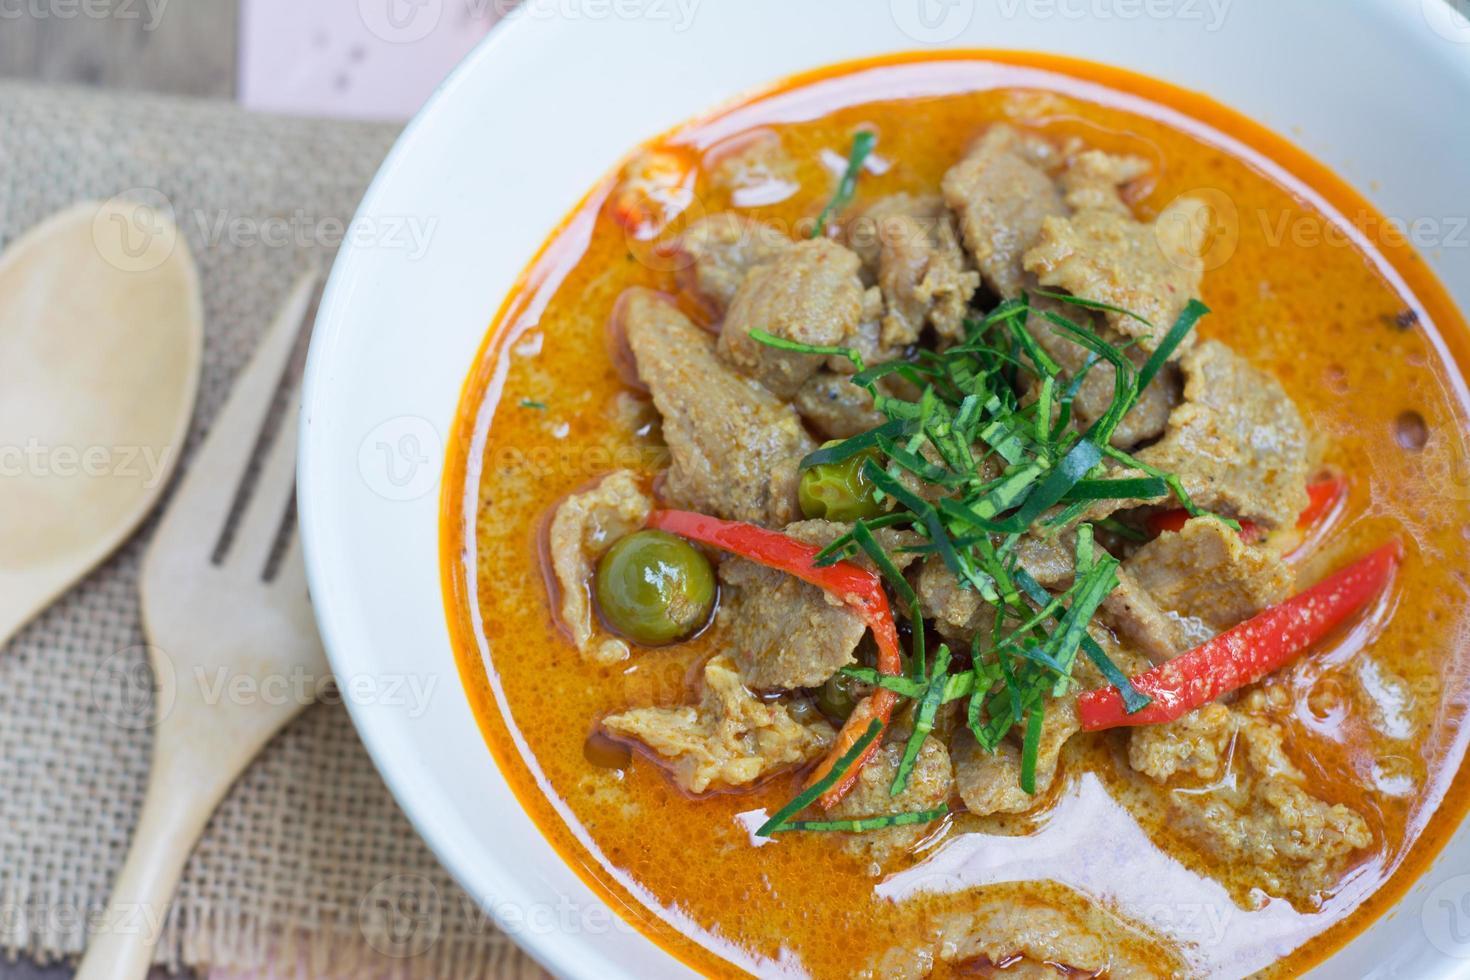 savory curry with pork (Thai food name Panang) photo